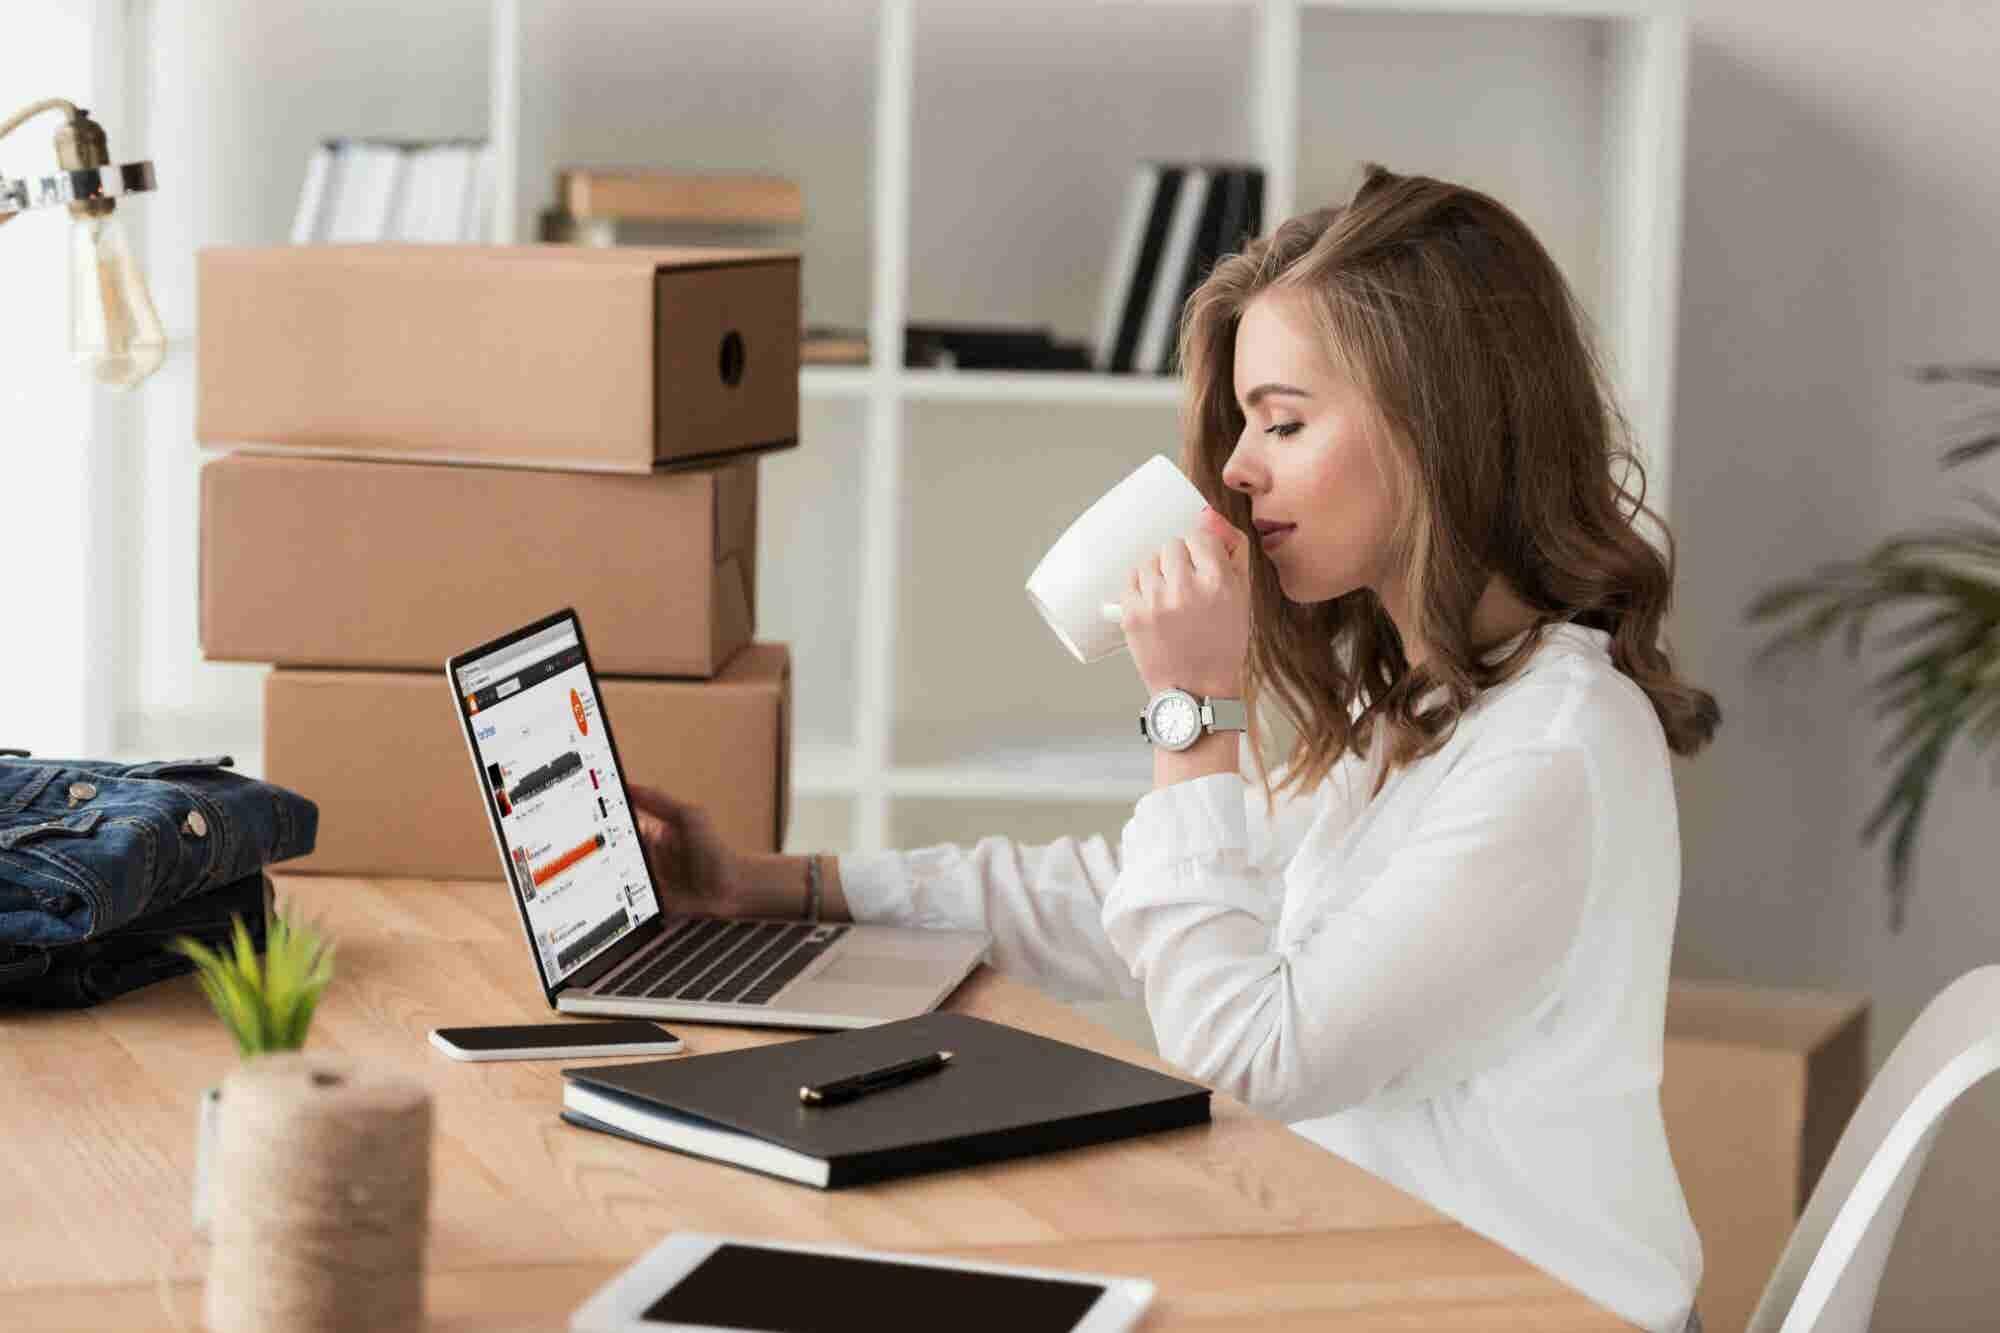 Estas son las 5 cosas que debes hacer si quieres que tu negocio siga vivo en los próximos 10 años